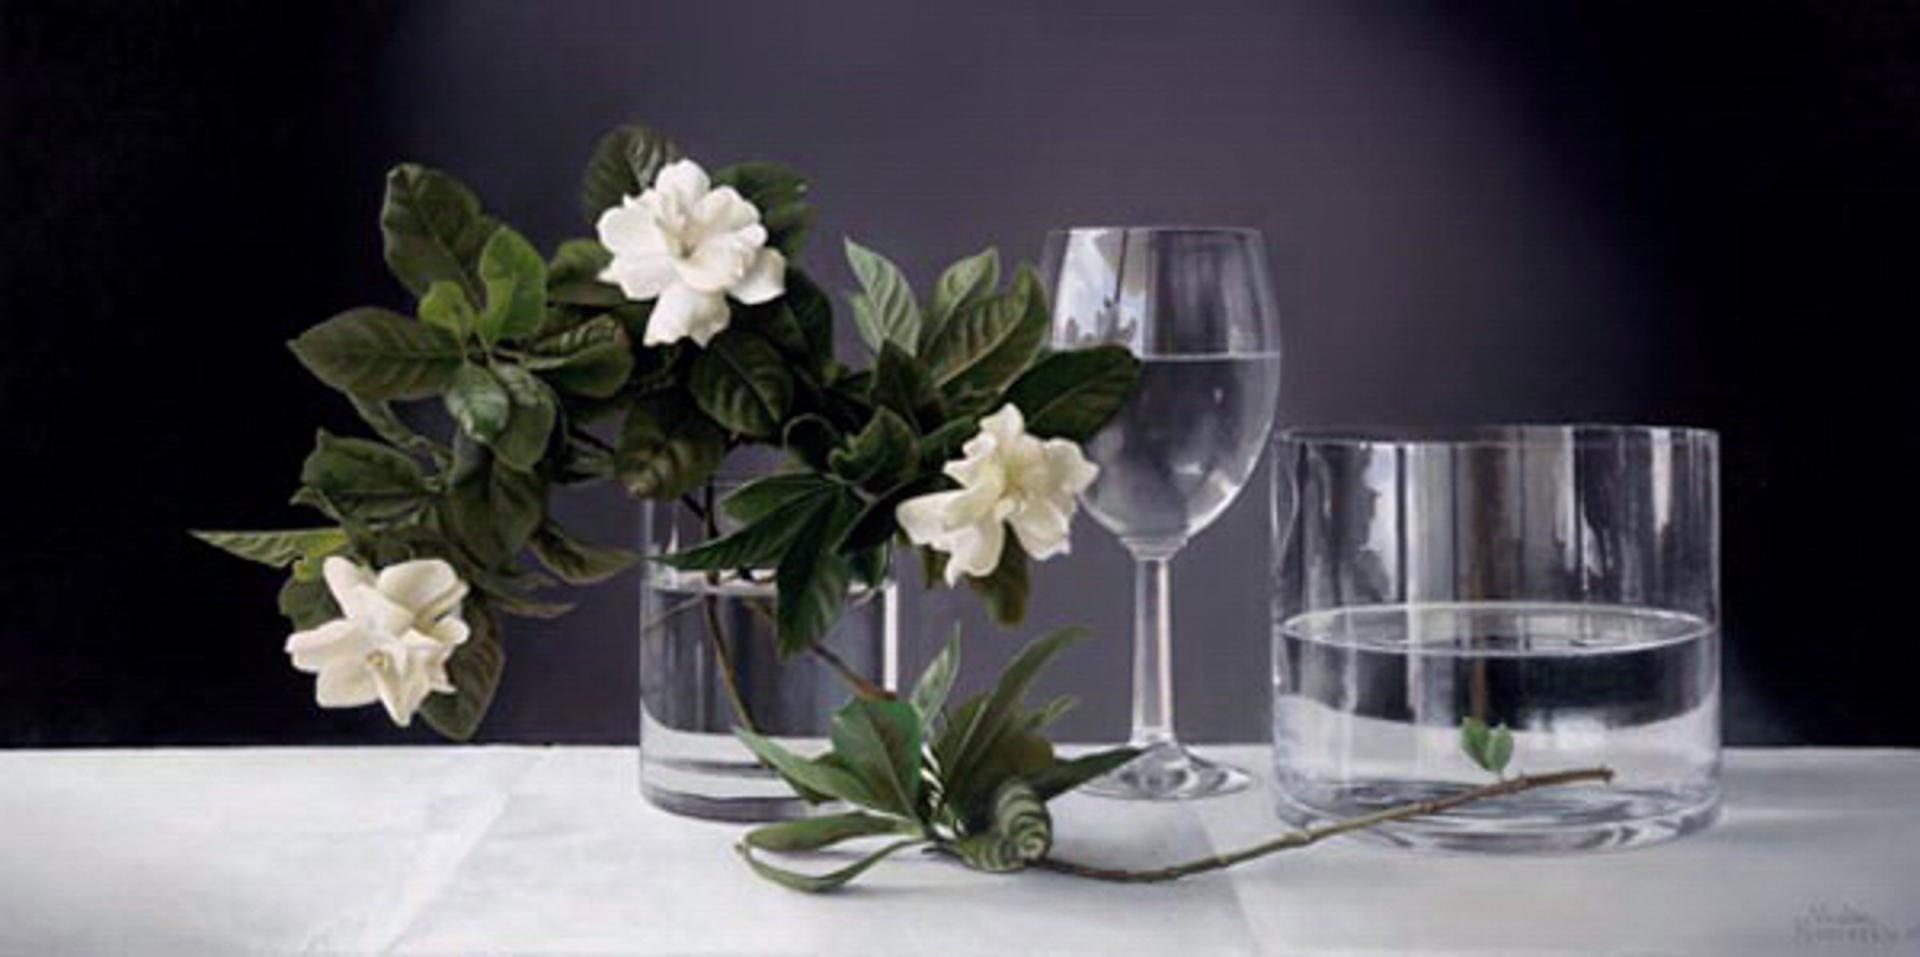 Gardenias with Glass Vase by Vadim Klevenskiy